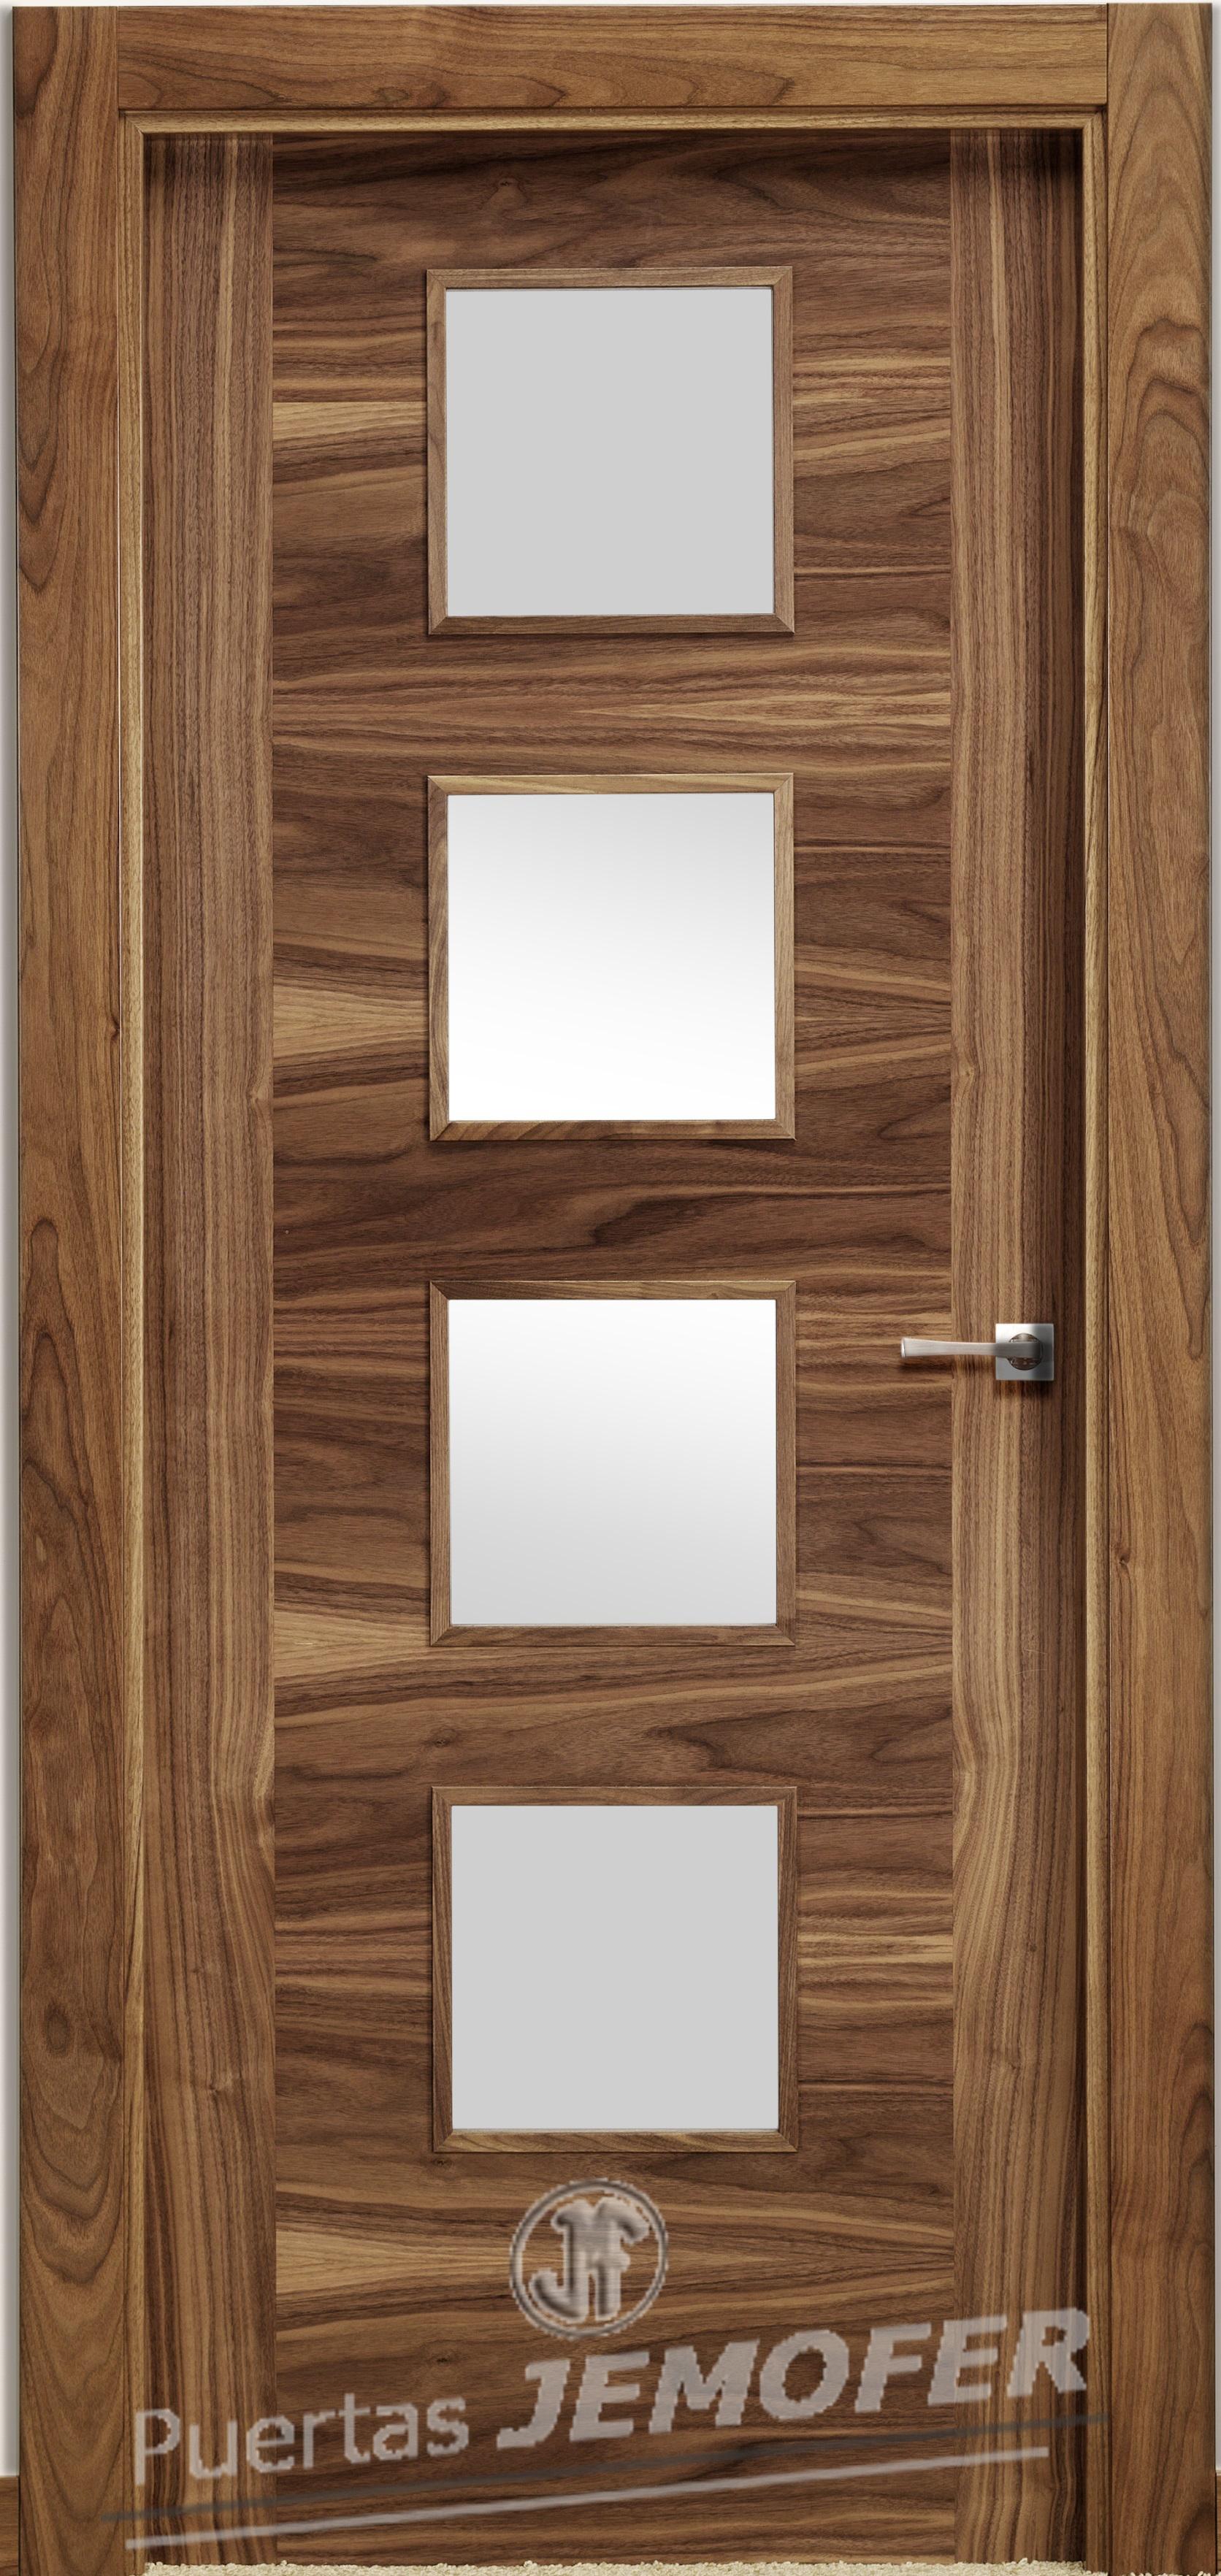 Puerta interior moderna lc4v4g puertas jemofer for Catalogo de puertas de madera pdf